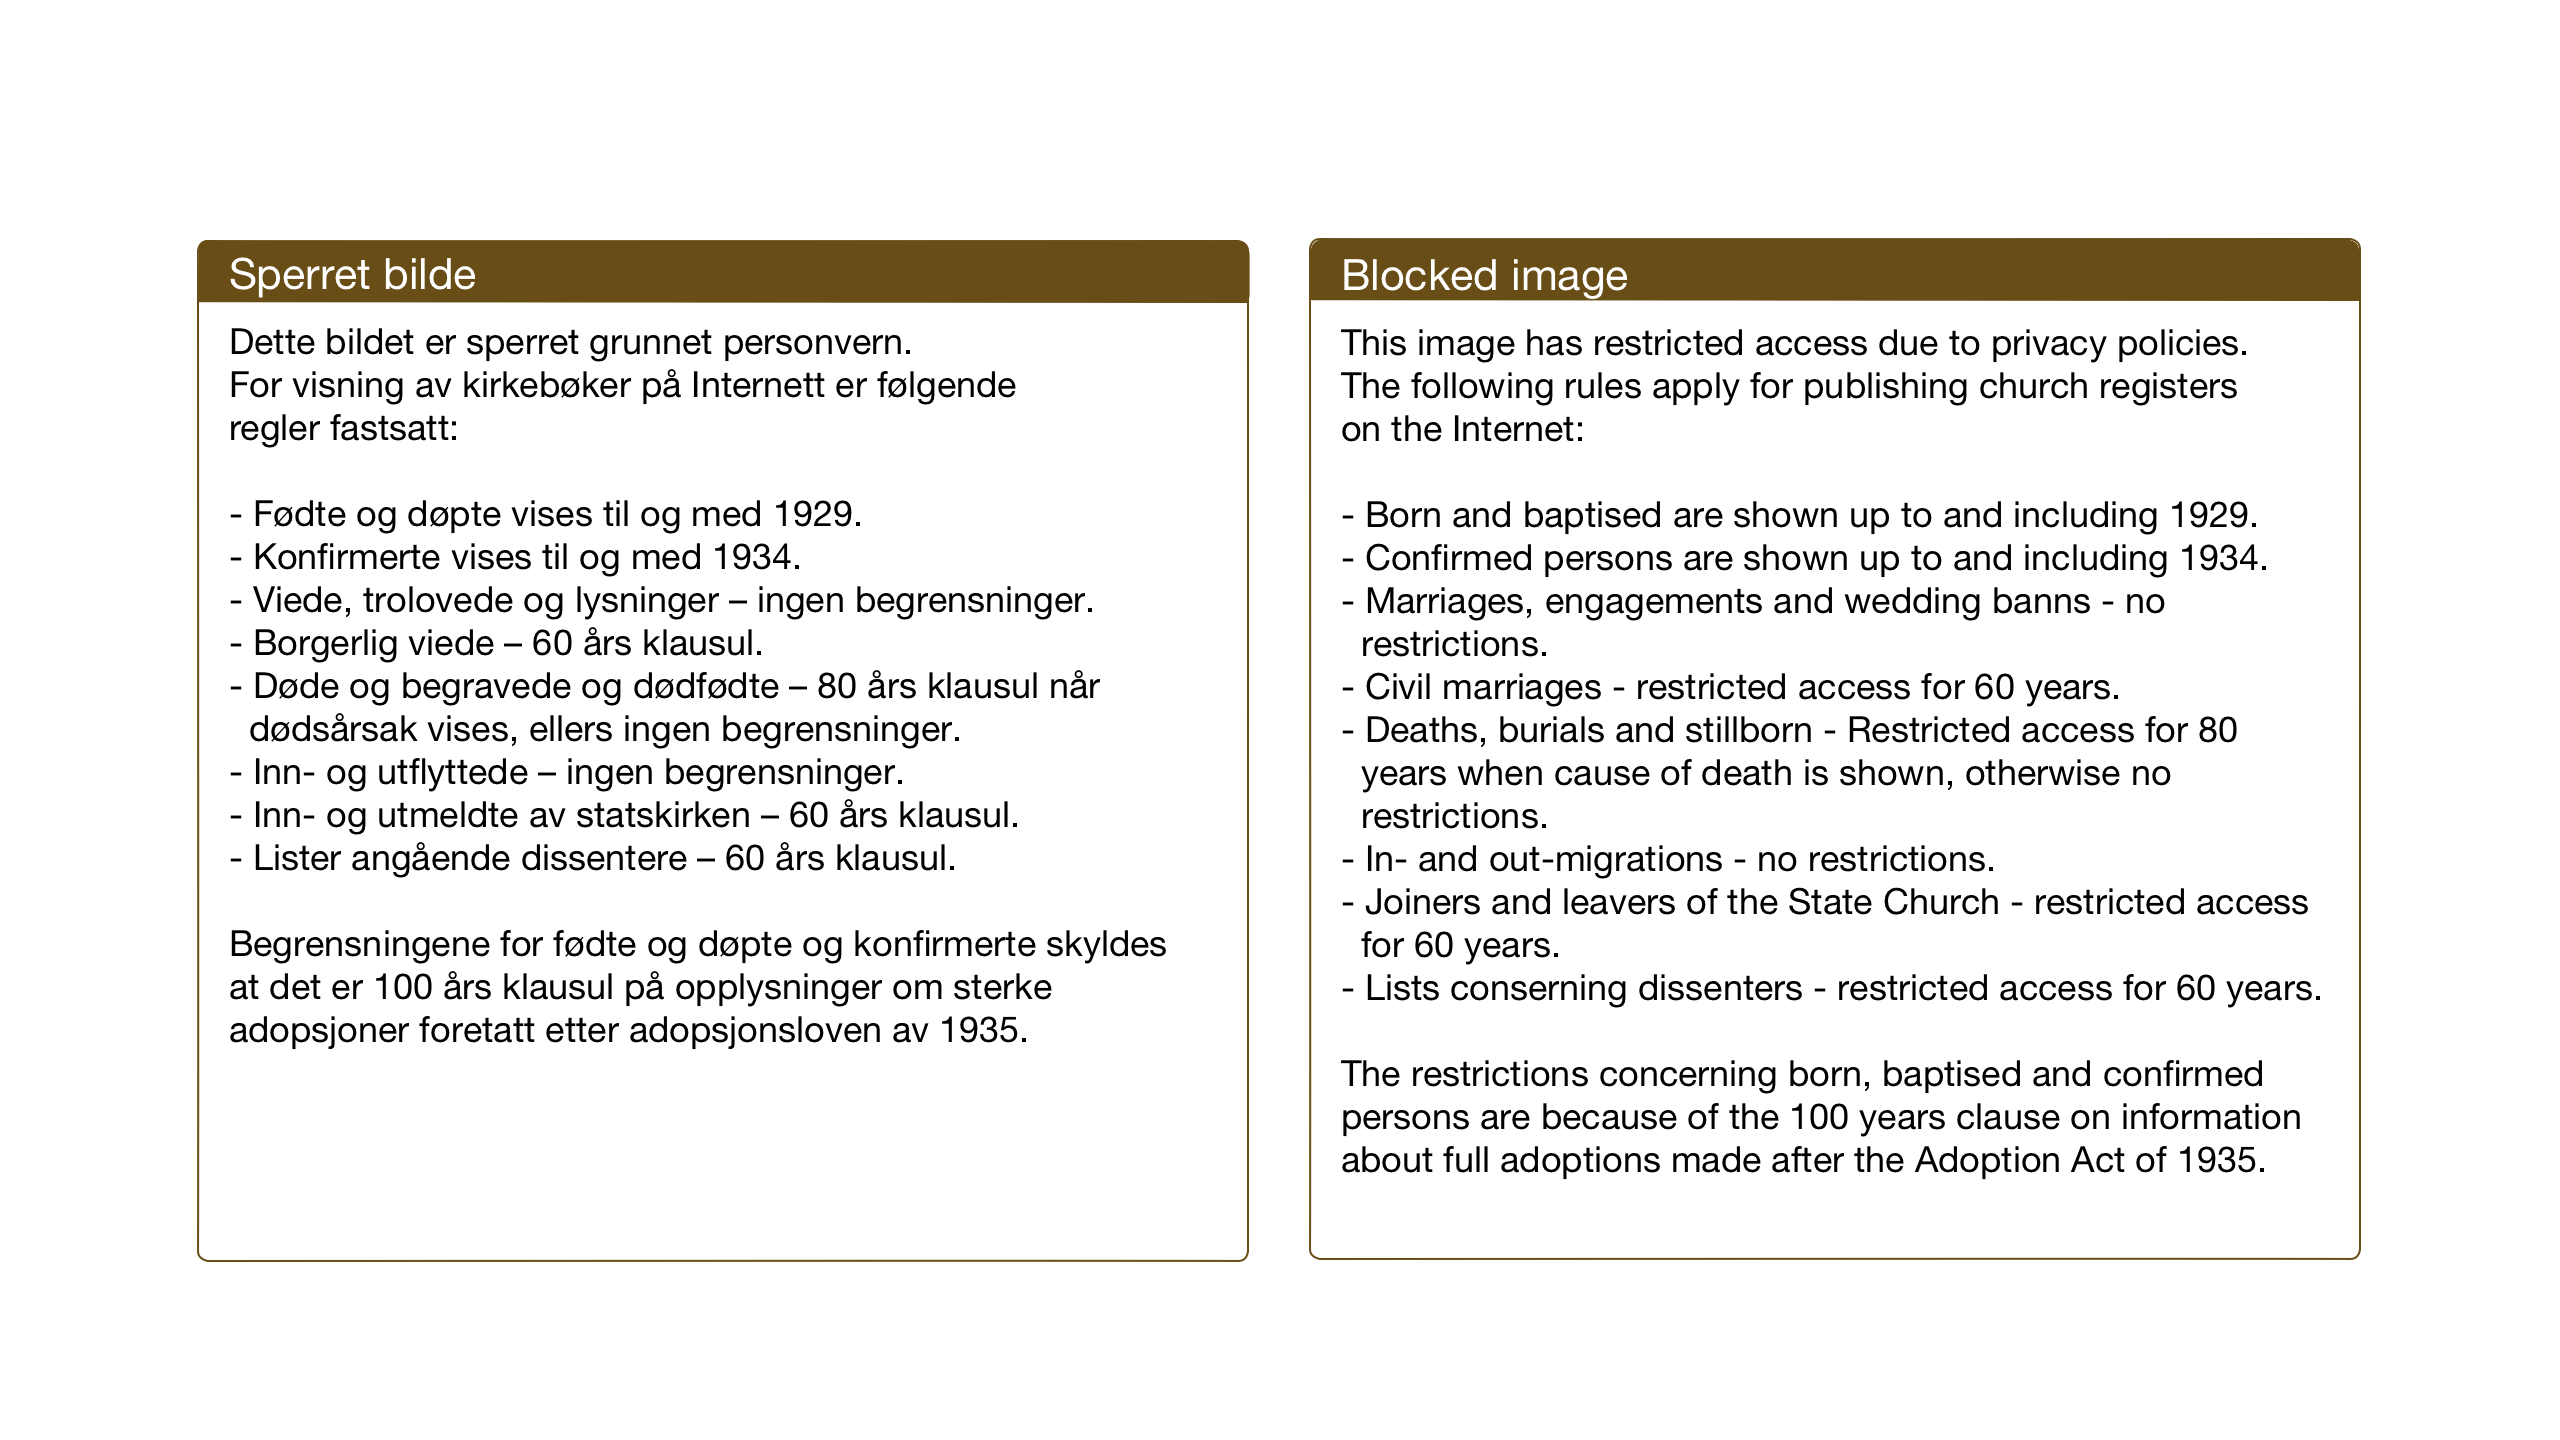 SAT, Ministerialprotokoller, klokkerbøker og fødselsregistre - Sør-Trøndelag, 688/L1030: Klokkerbok nr. 688C05, 1916-1939, s. 64